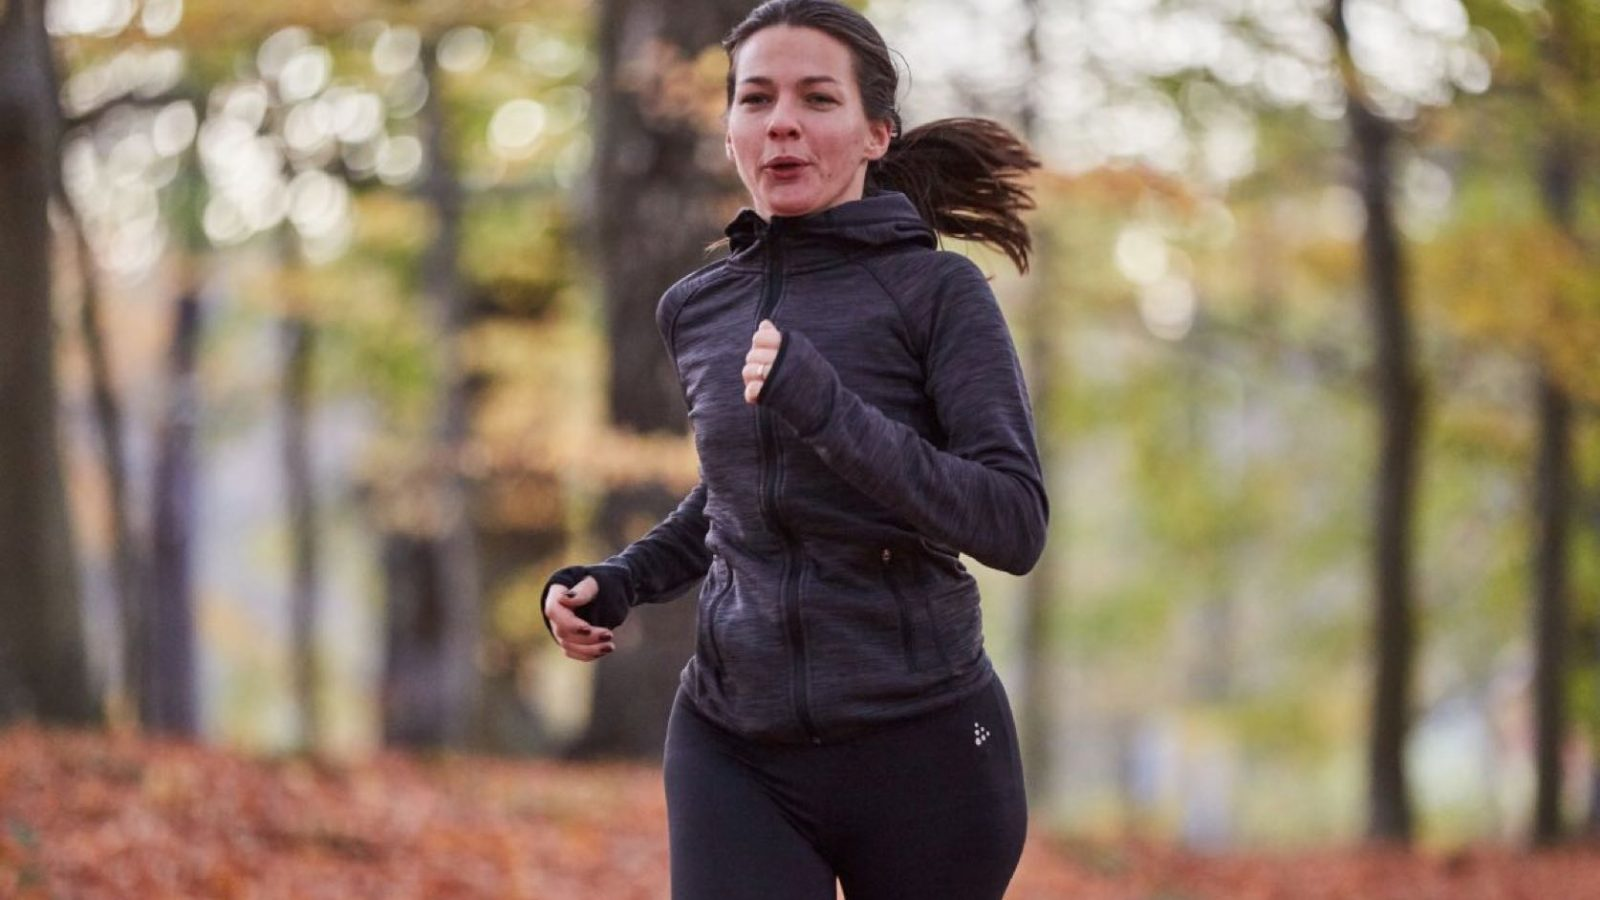 En tjej i gråa träningskläder som springer i skogen